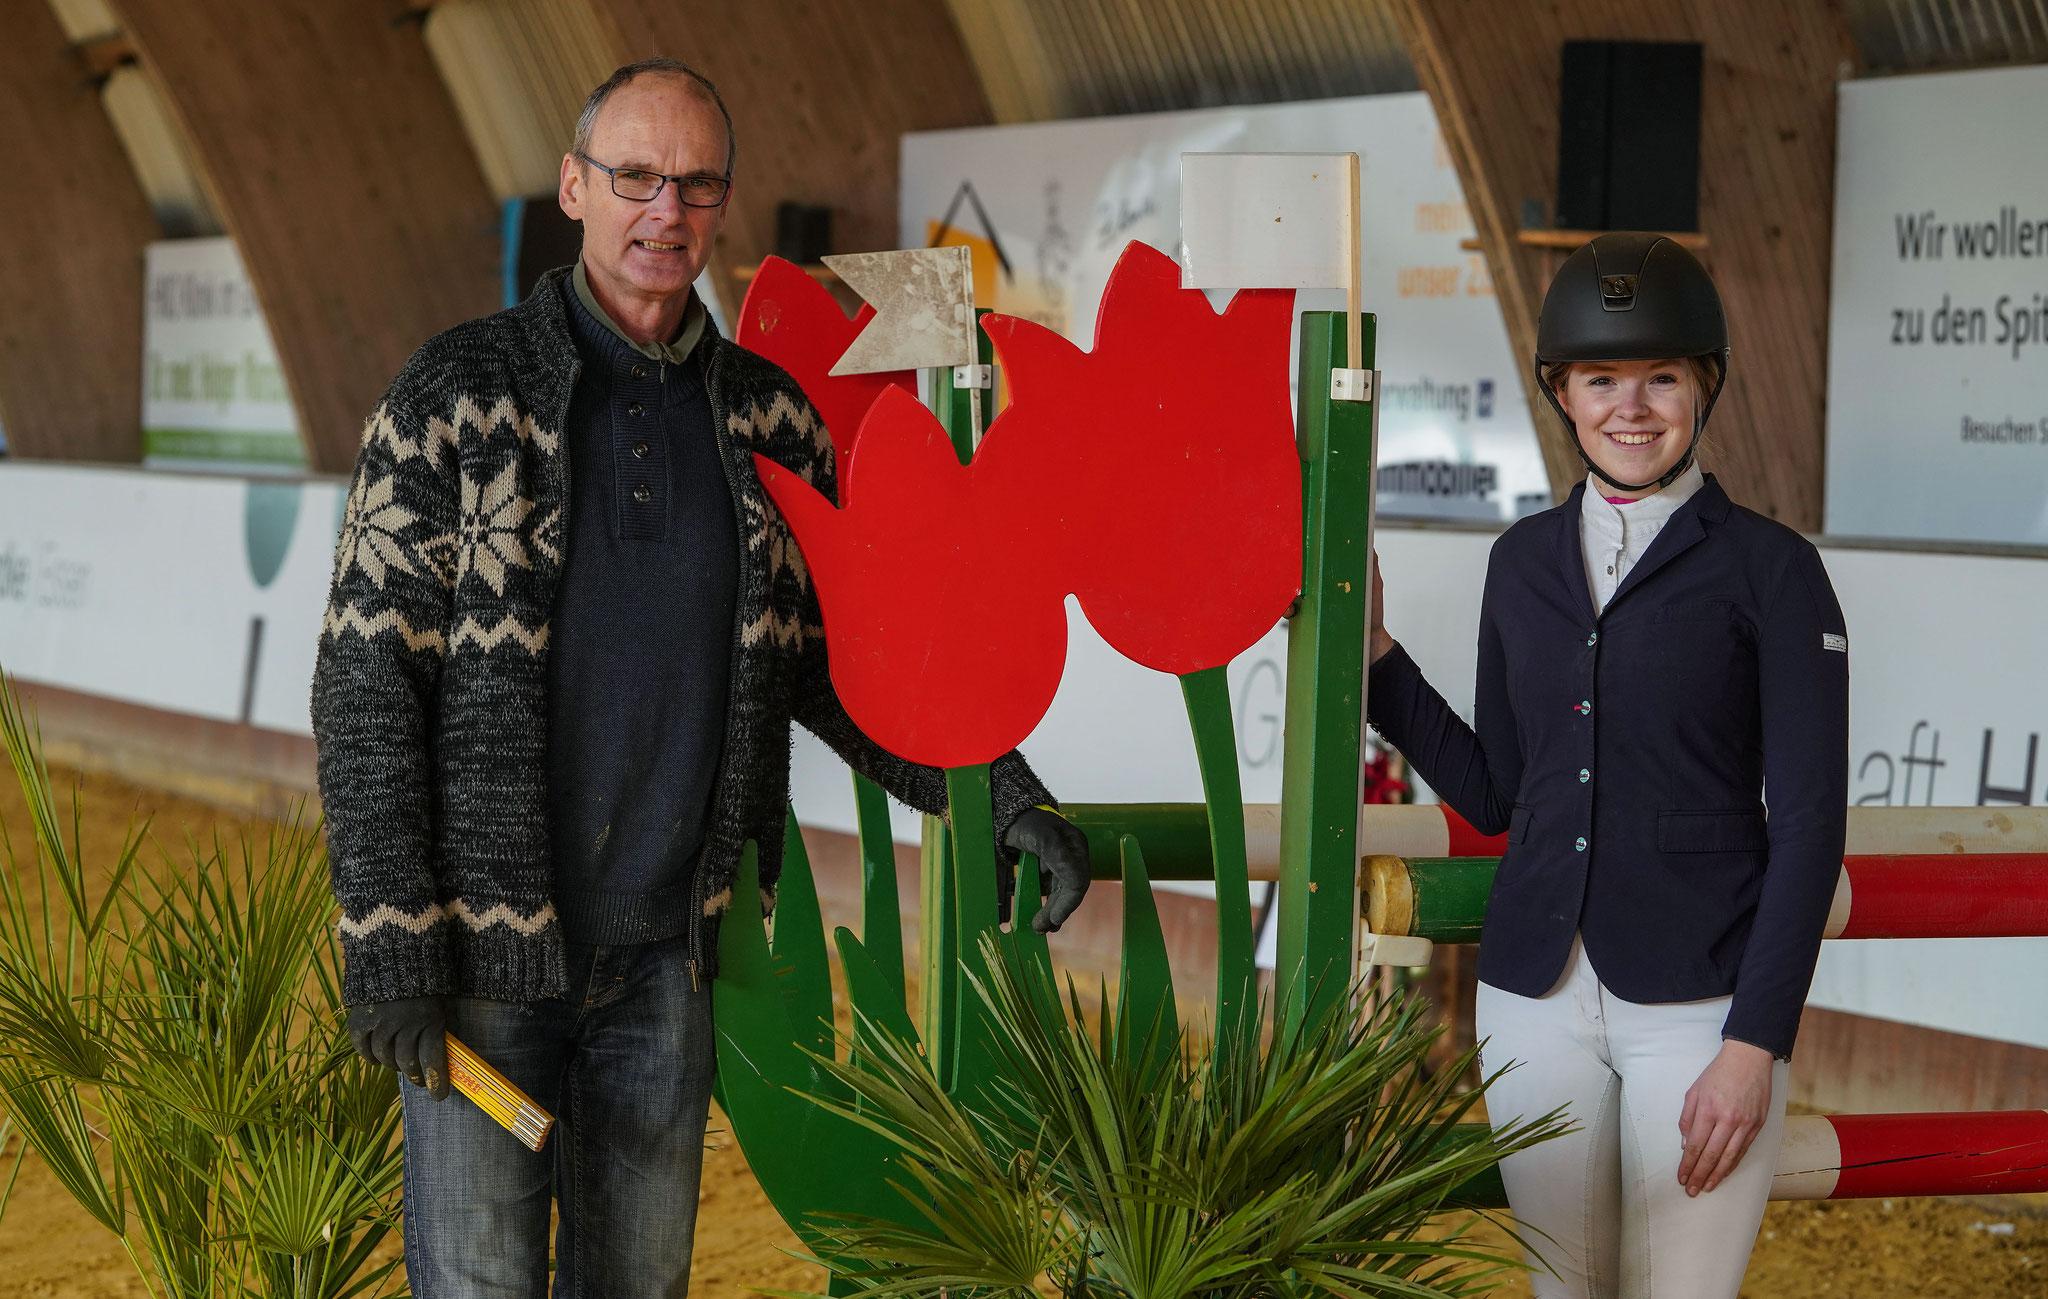 Heiner Kohler konnte als Parcourschef am Wochenende bis zur höchsten nationalen Klasse aufbauen; hier zu sehen mit RSV-Erfolgsreiterin Katharina Handke.   Foto: Gohl